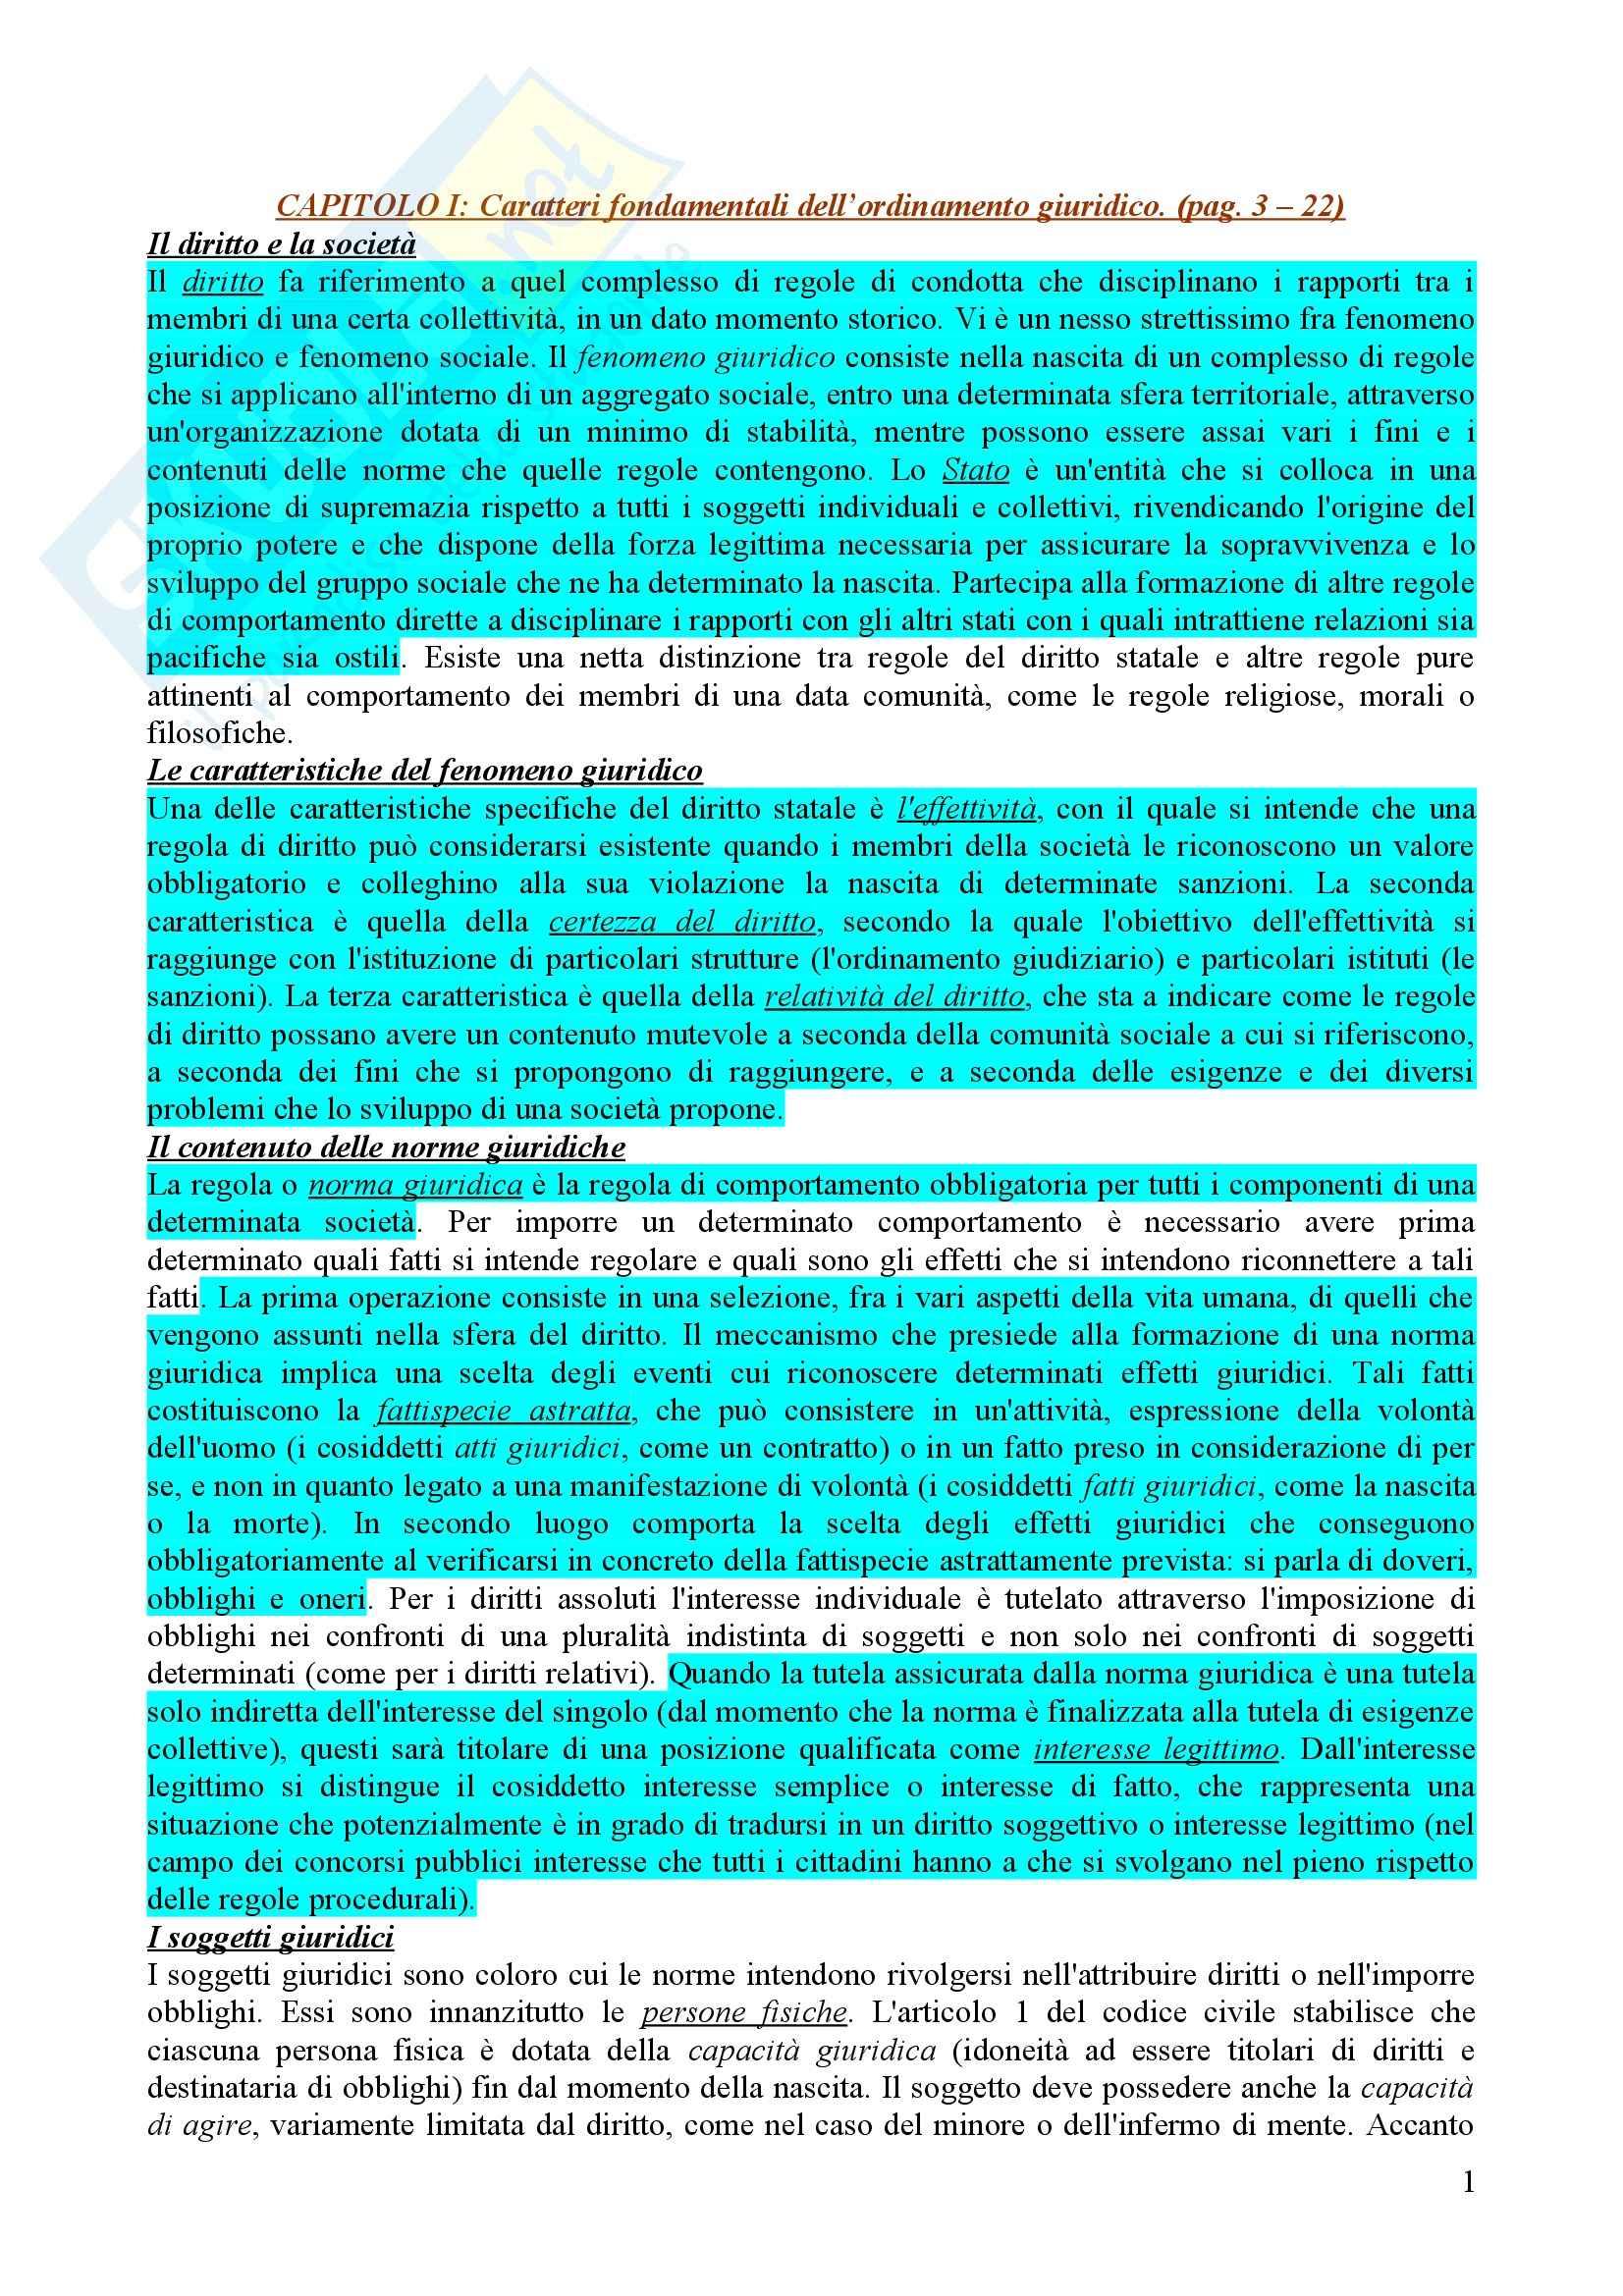 Diritto pubblico - i caratteri fondamentali dell'ordinamento giuridico